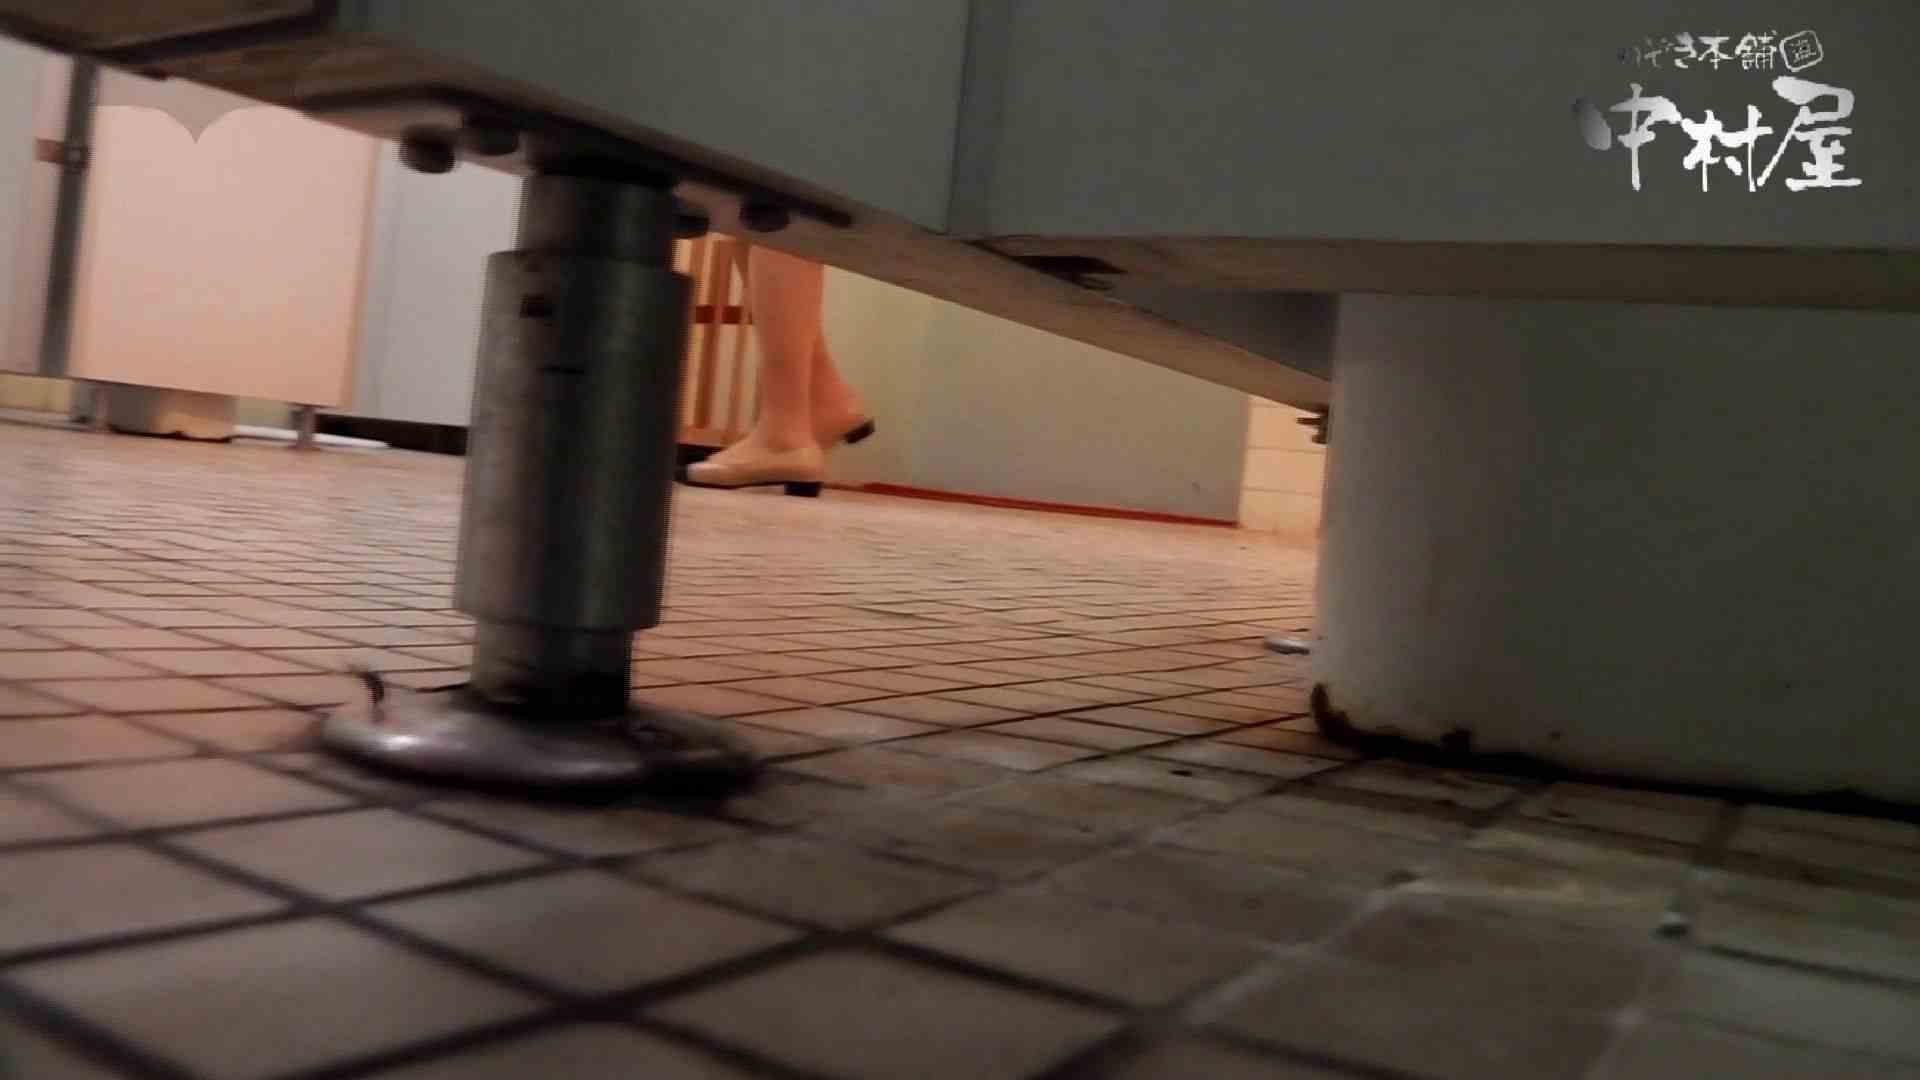 第三体育館潜入撮】第三体育館潜入撮File028 熟女特集!! 潜入女子トイレ おまんこ無修正動画無料 59PIX 53